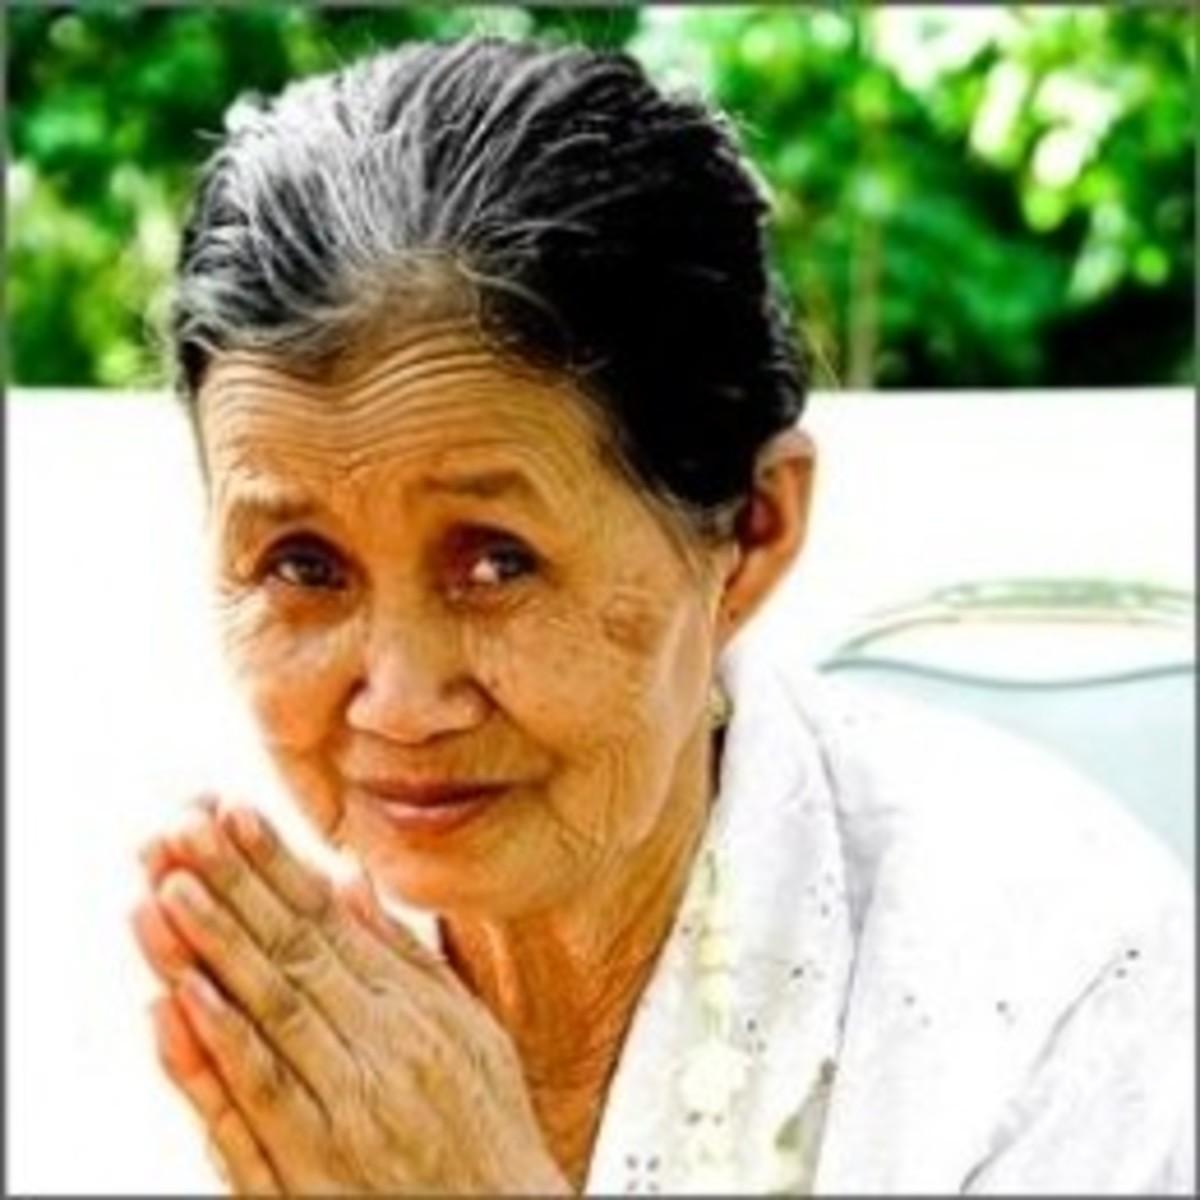 Praying Old Woman